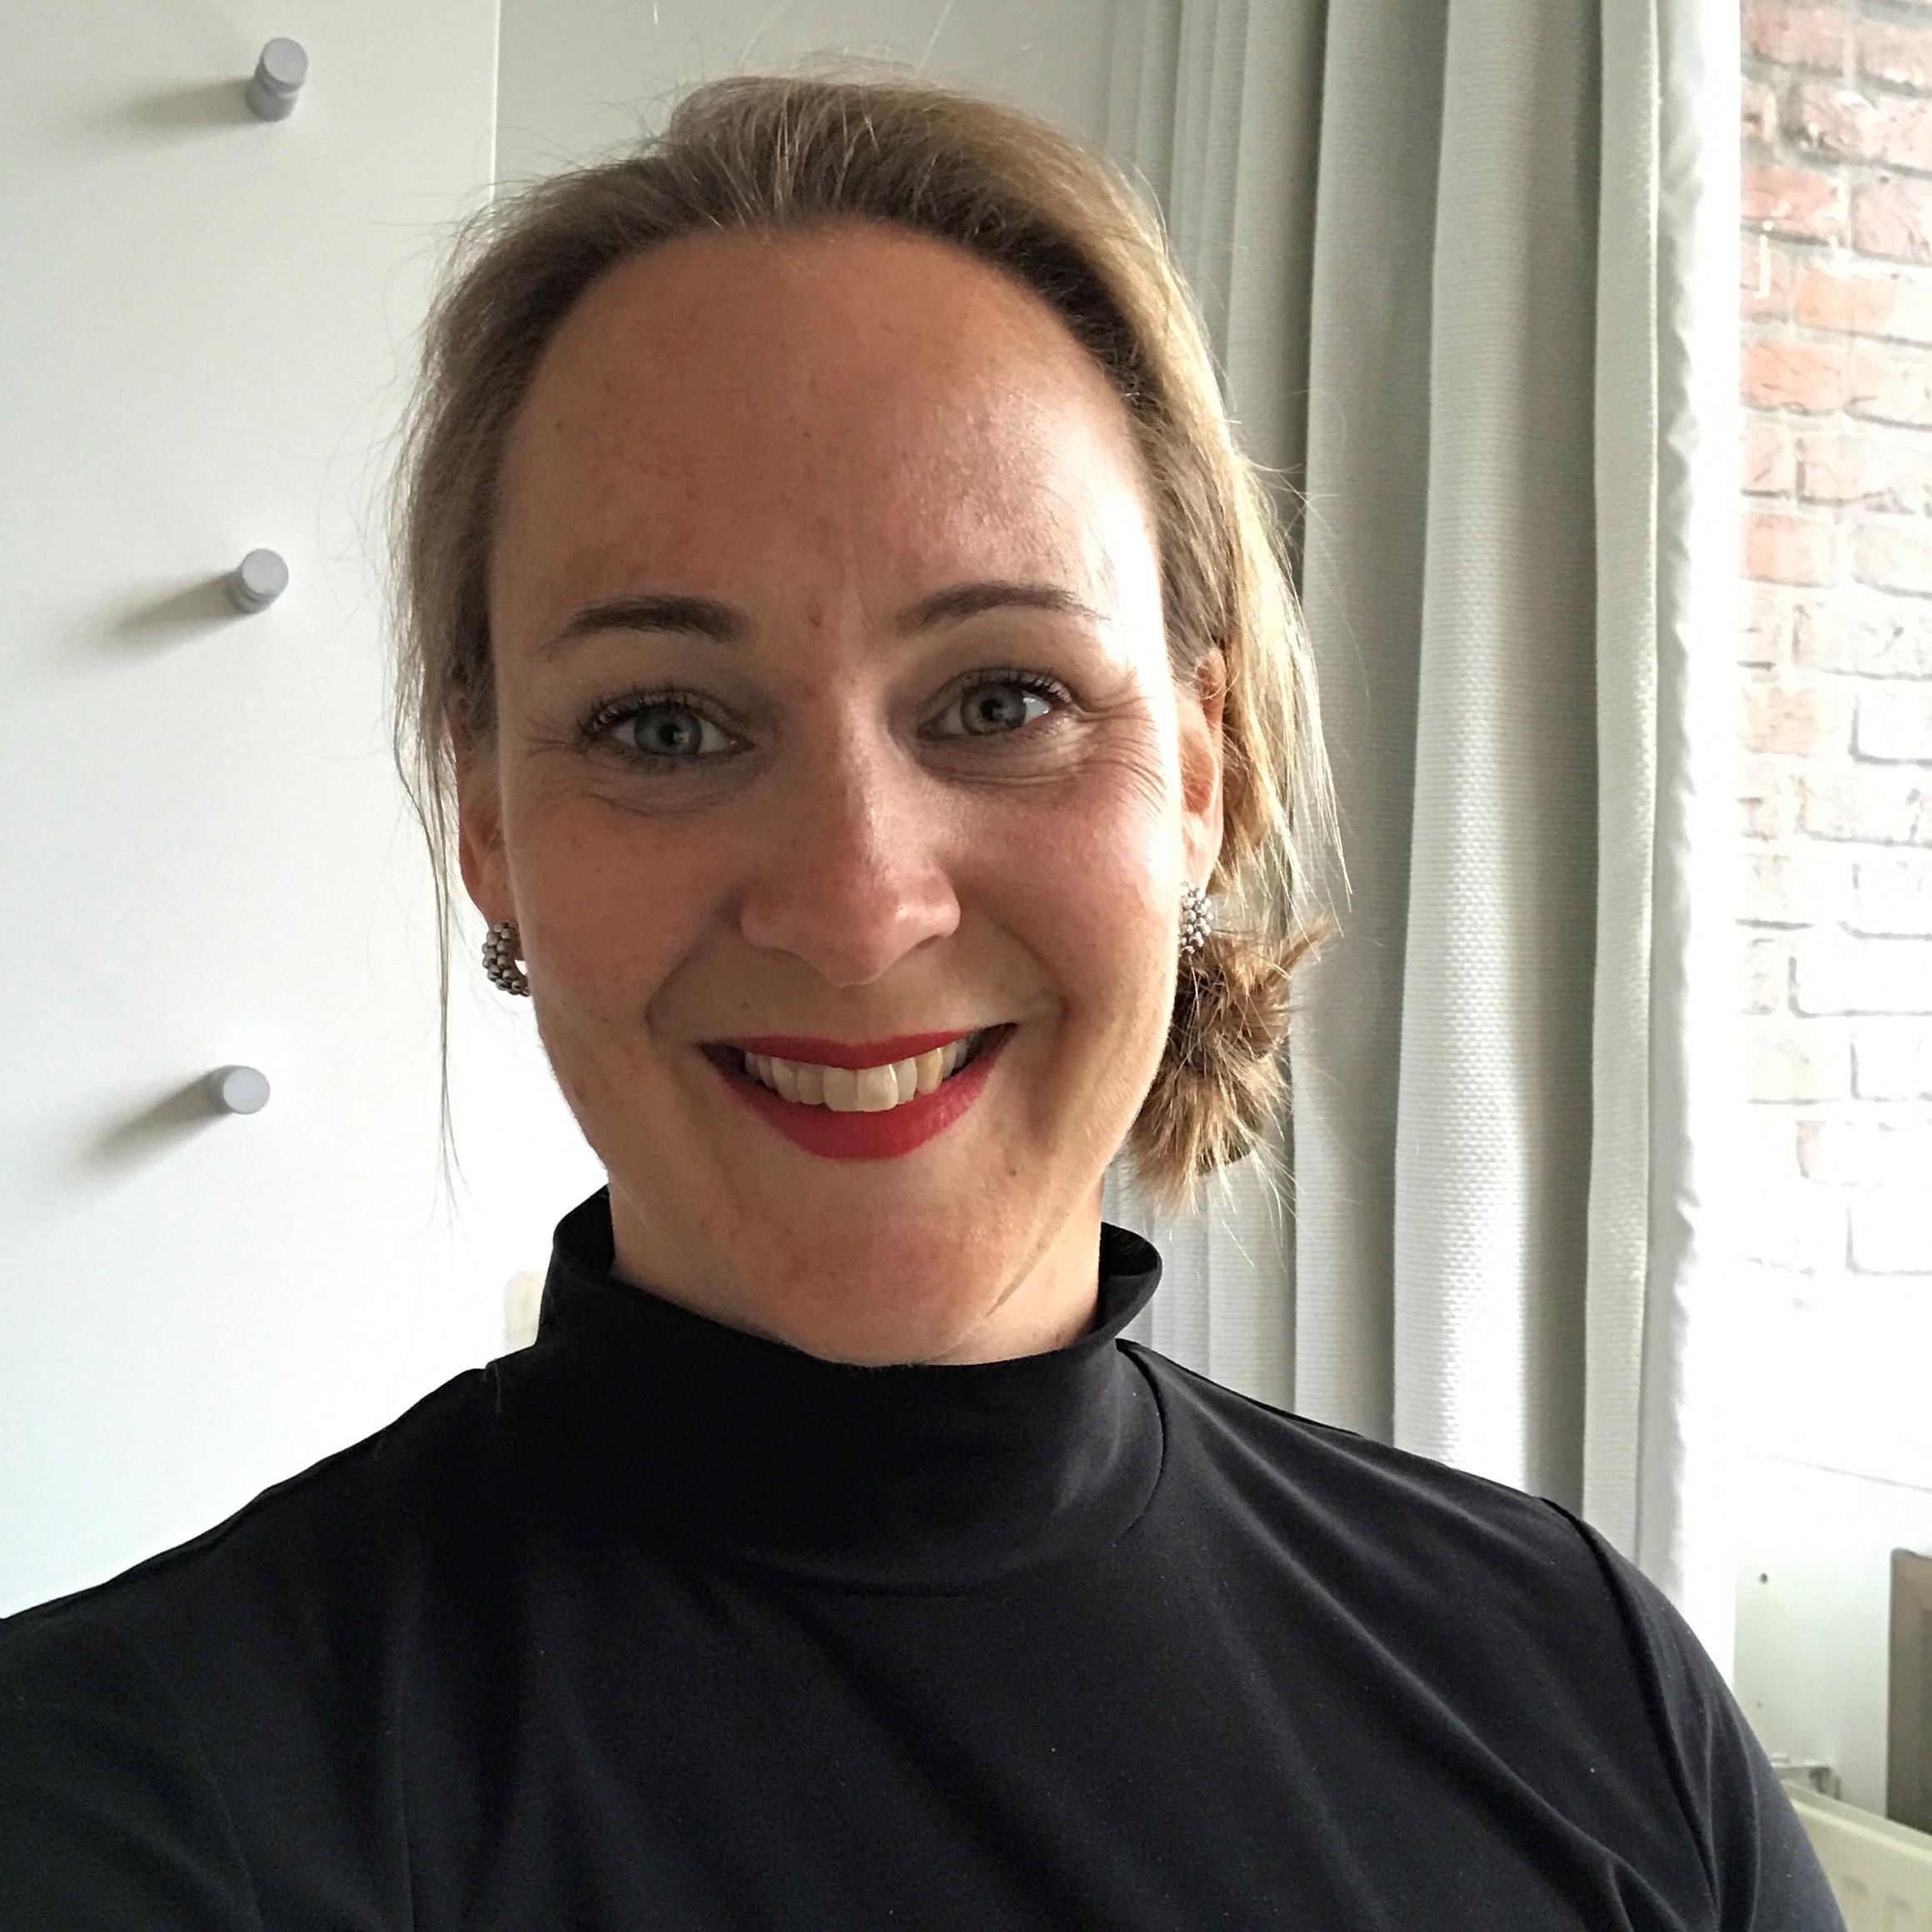 Daphne Swart